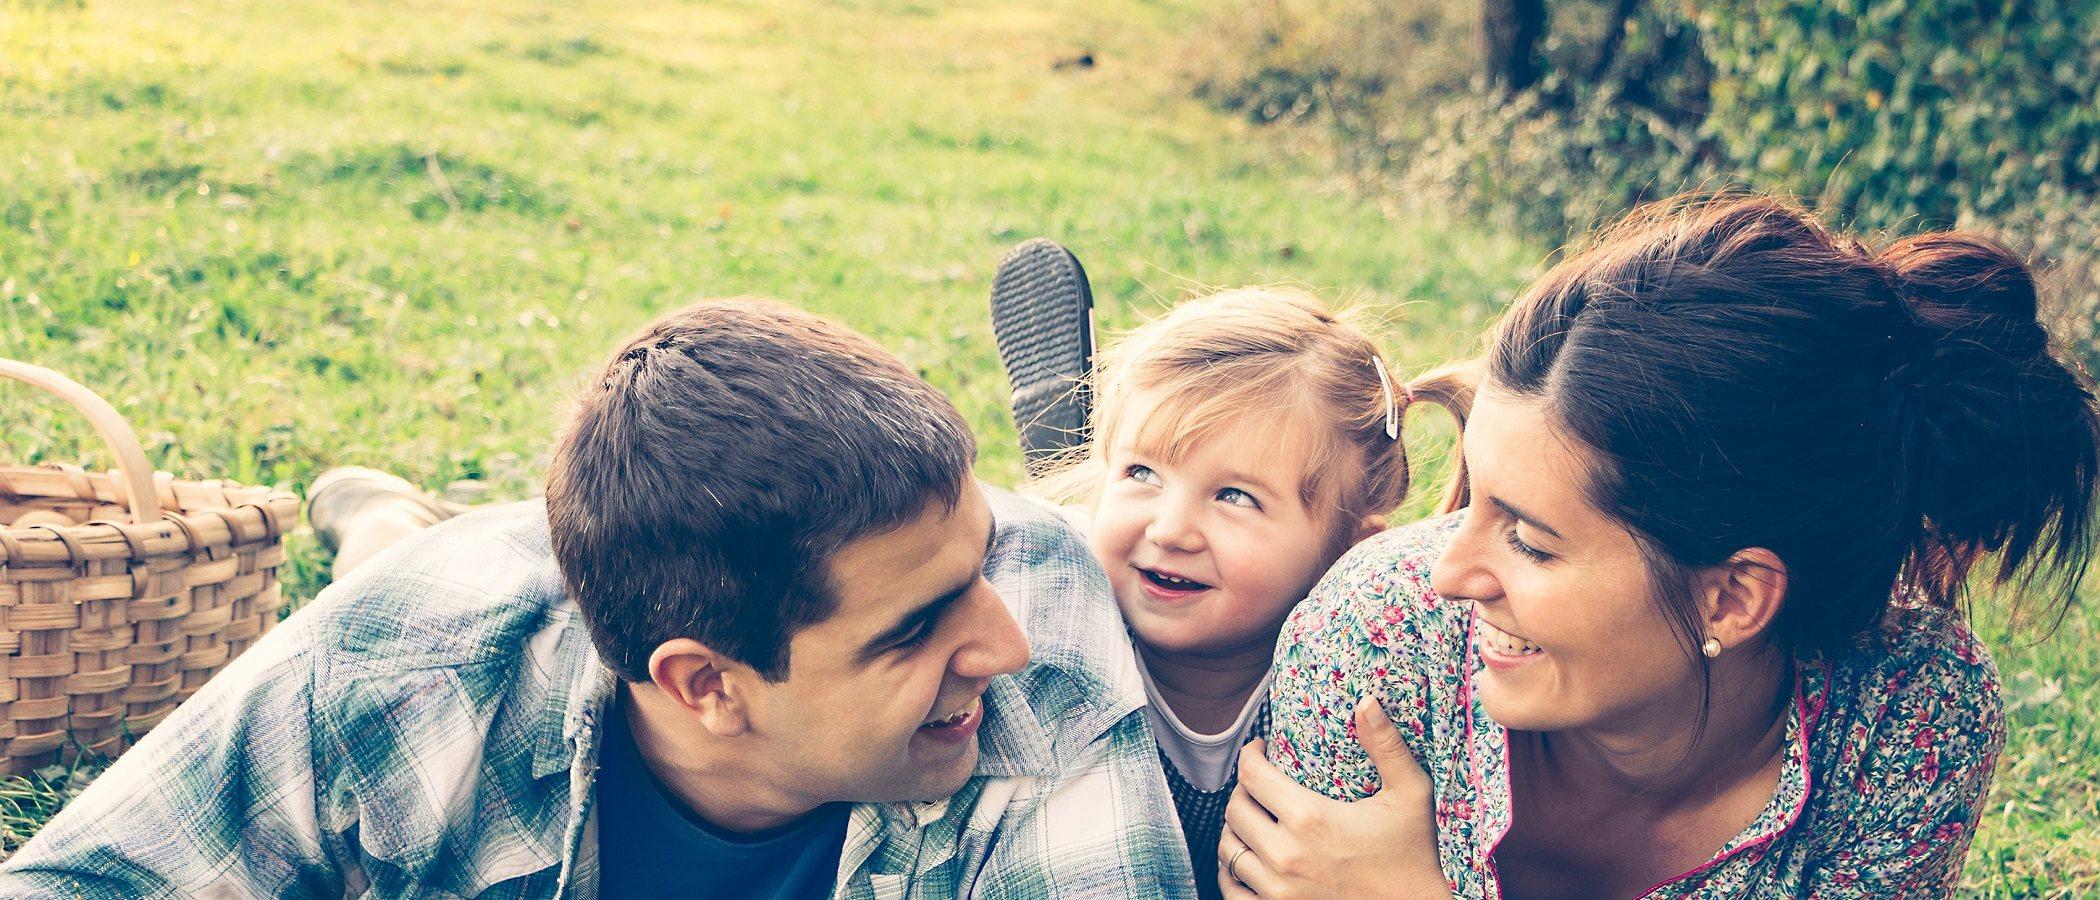 Desacuerdos en la crianza con tu pareja, ¿qué hacer?